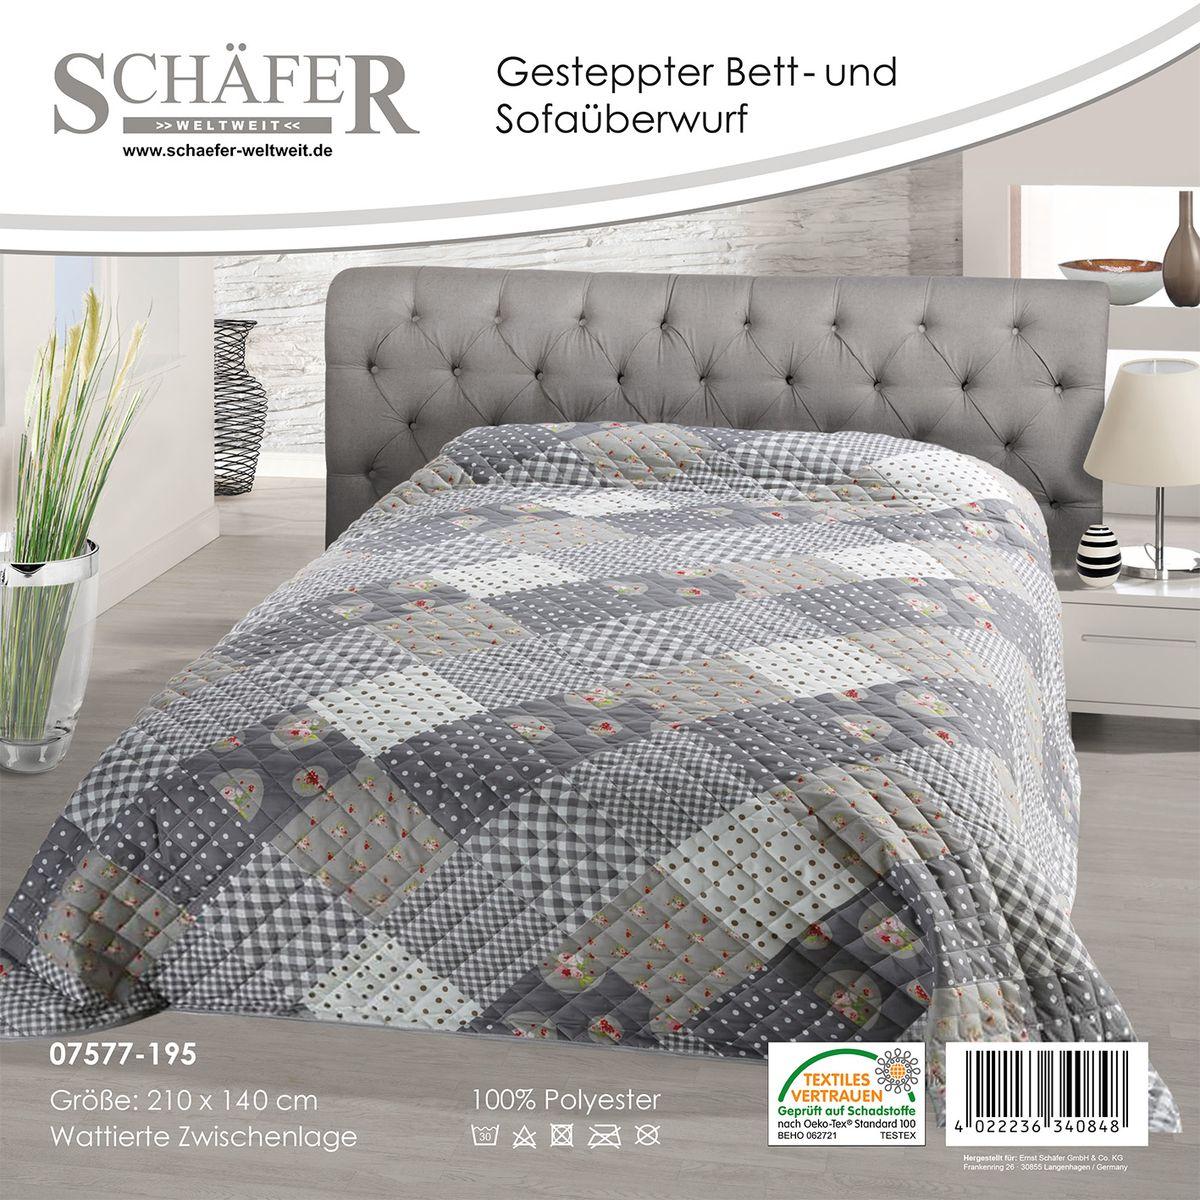 Покрывало Schaefer 220*240см, 100% полиэстер. 07577-19607577-196